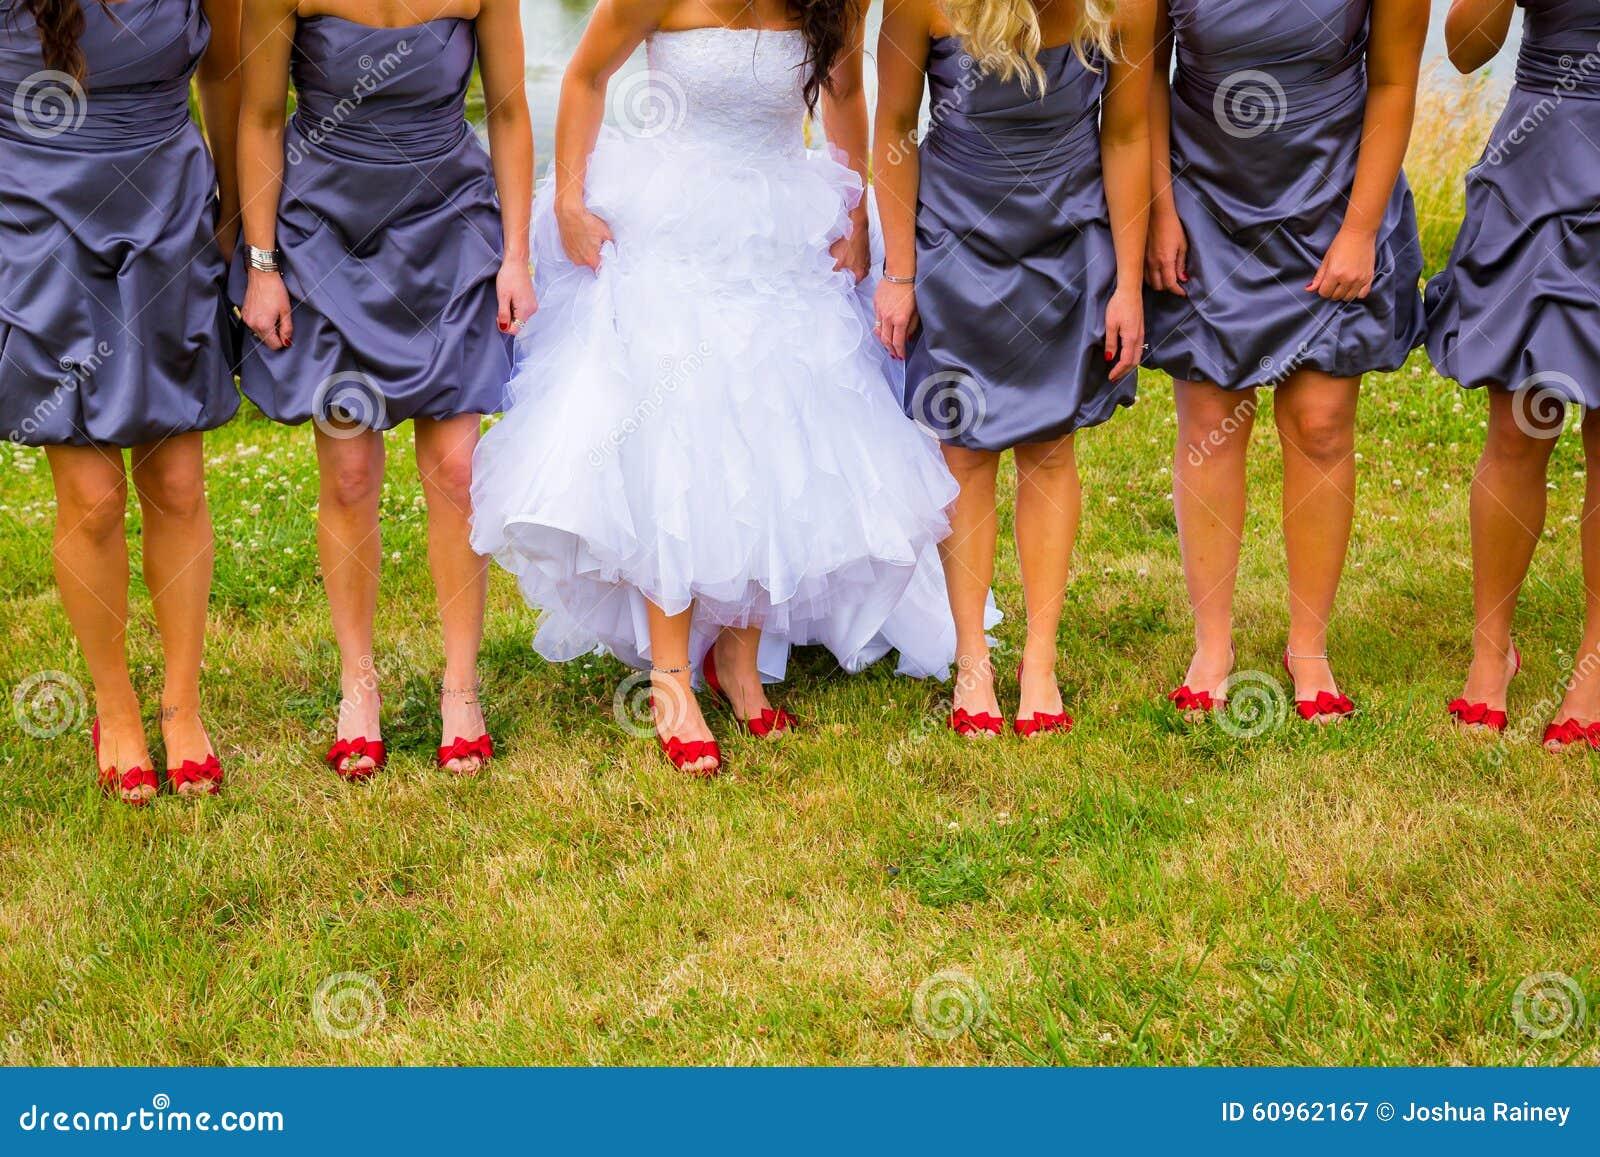 8a75f87d7cd6 La sposa e le damigelle d onore che giudicano loro si agghinda un pezzo per  ostentare le loro scarpe rosse mentre stanno sull erba verde